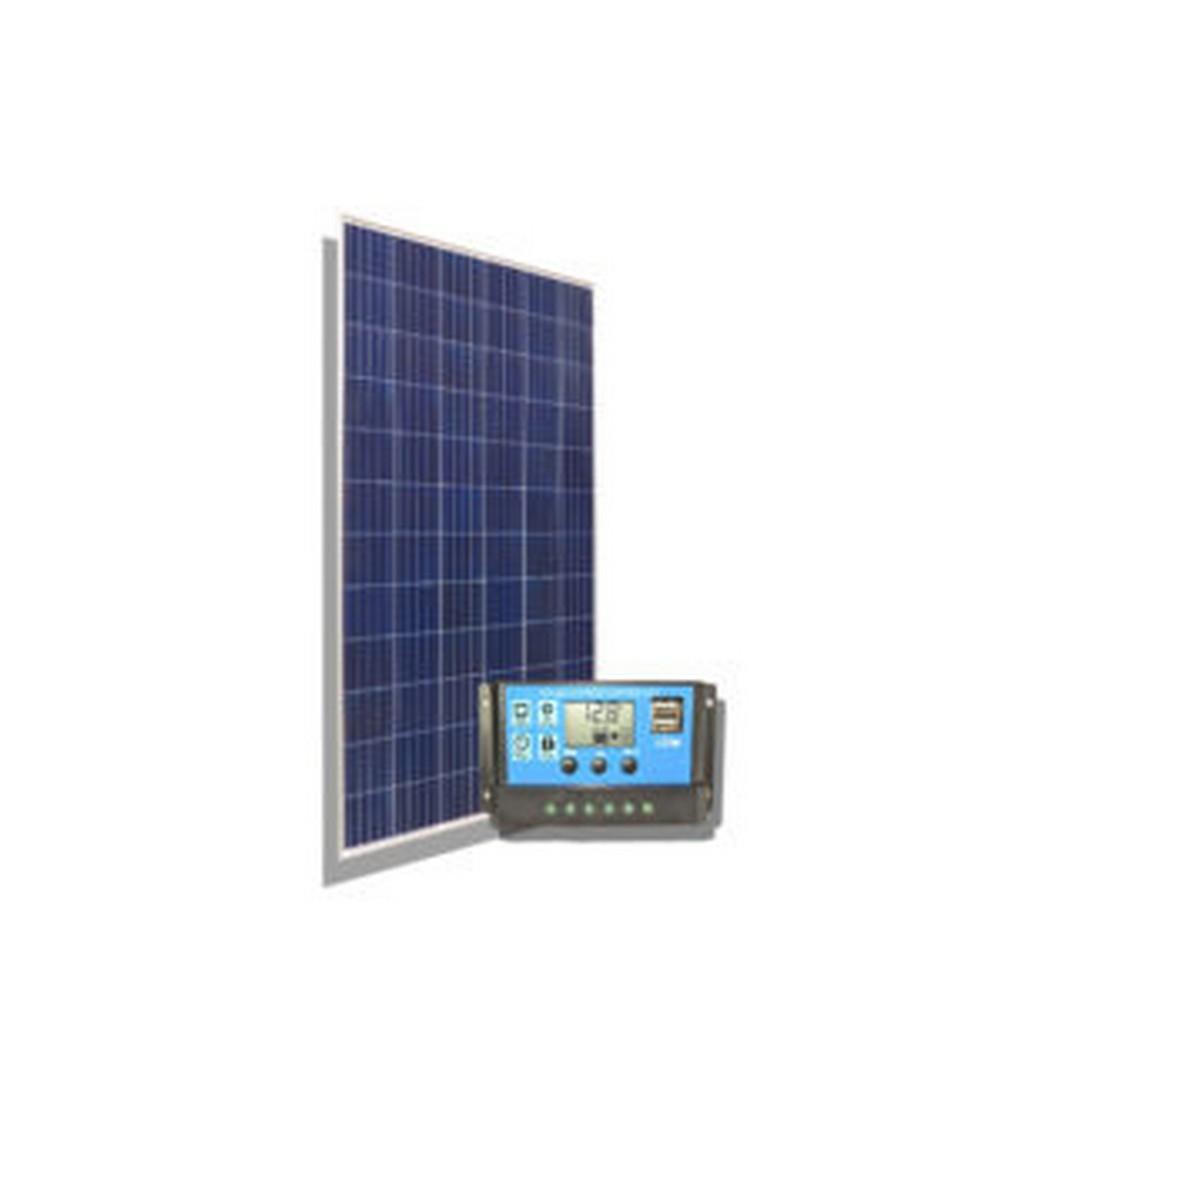 KIT SOLAR C3 1 Panel 160W + 1 Reg. 10A